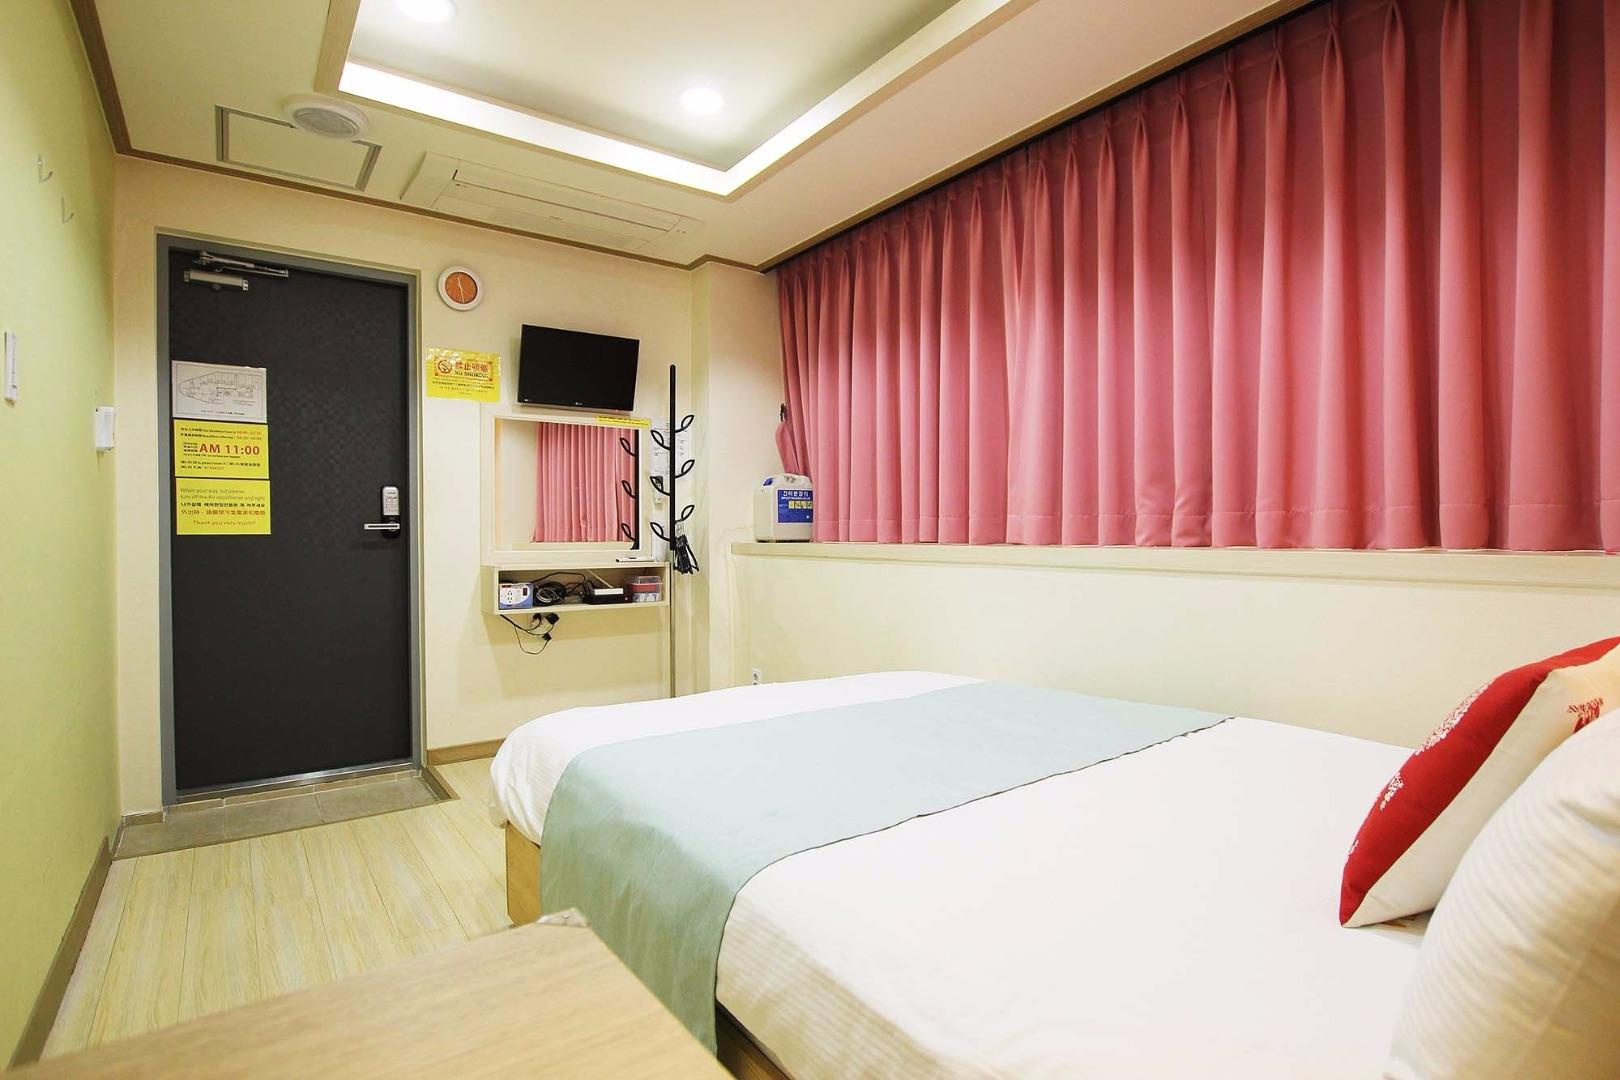 101 相片來源:韓國首爾民宿 KoTa House